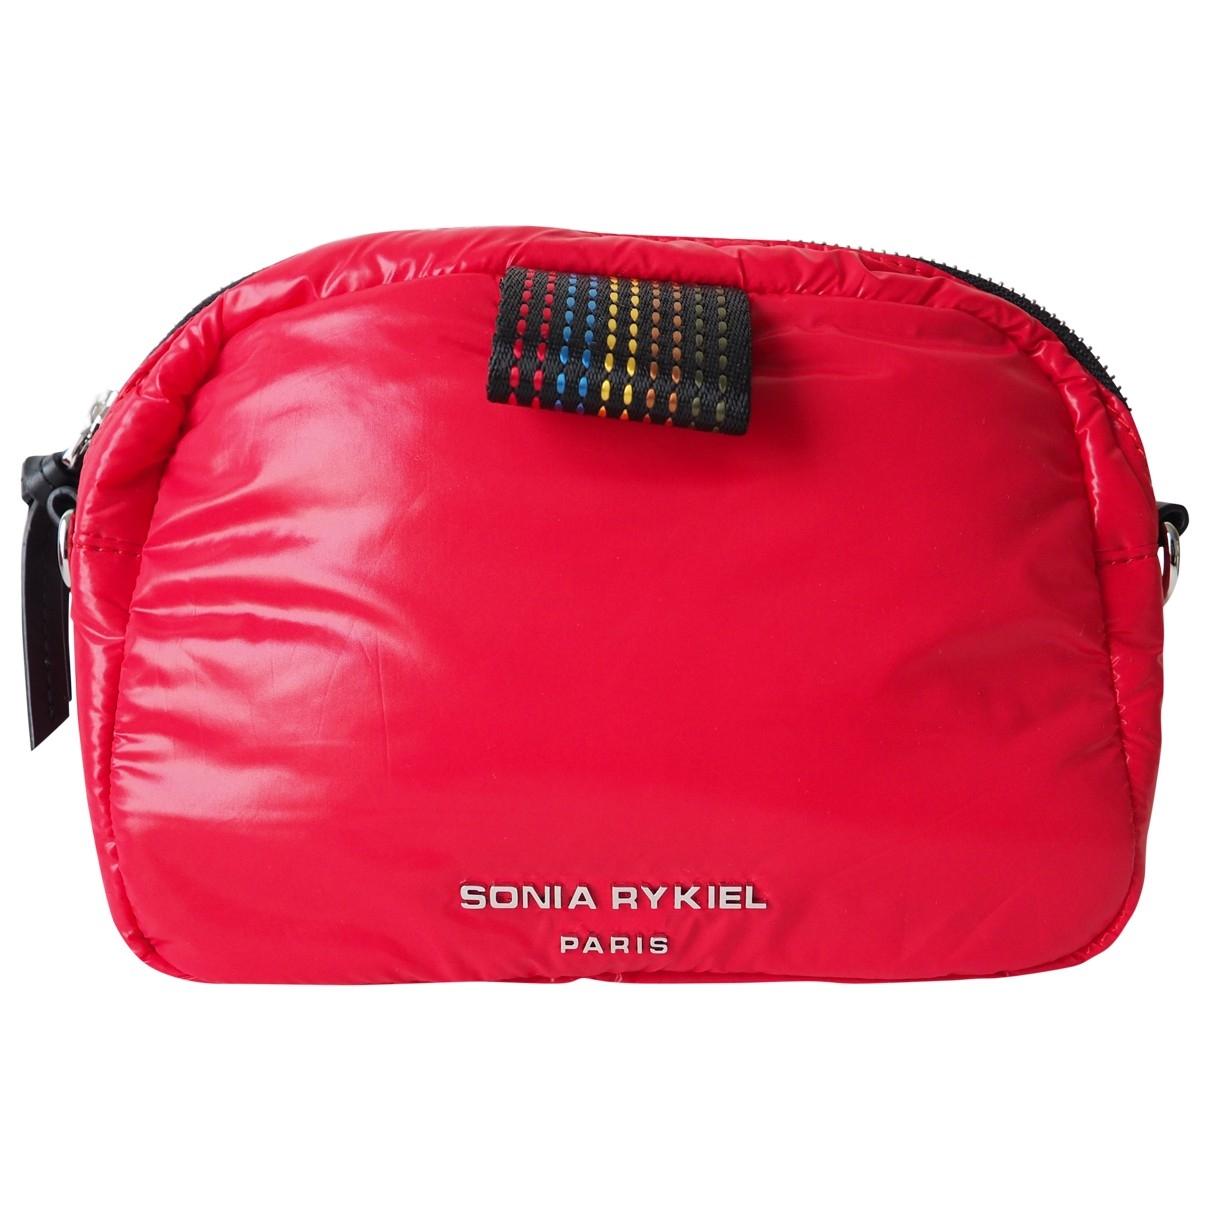 Sonia Rykiel \N Red Travel bag for Women \N